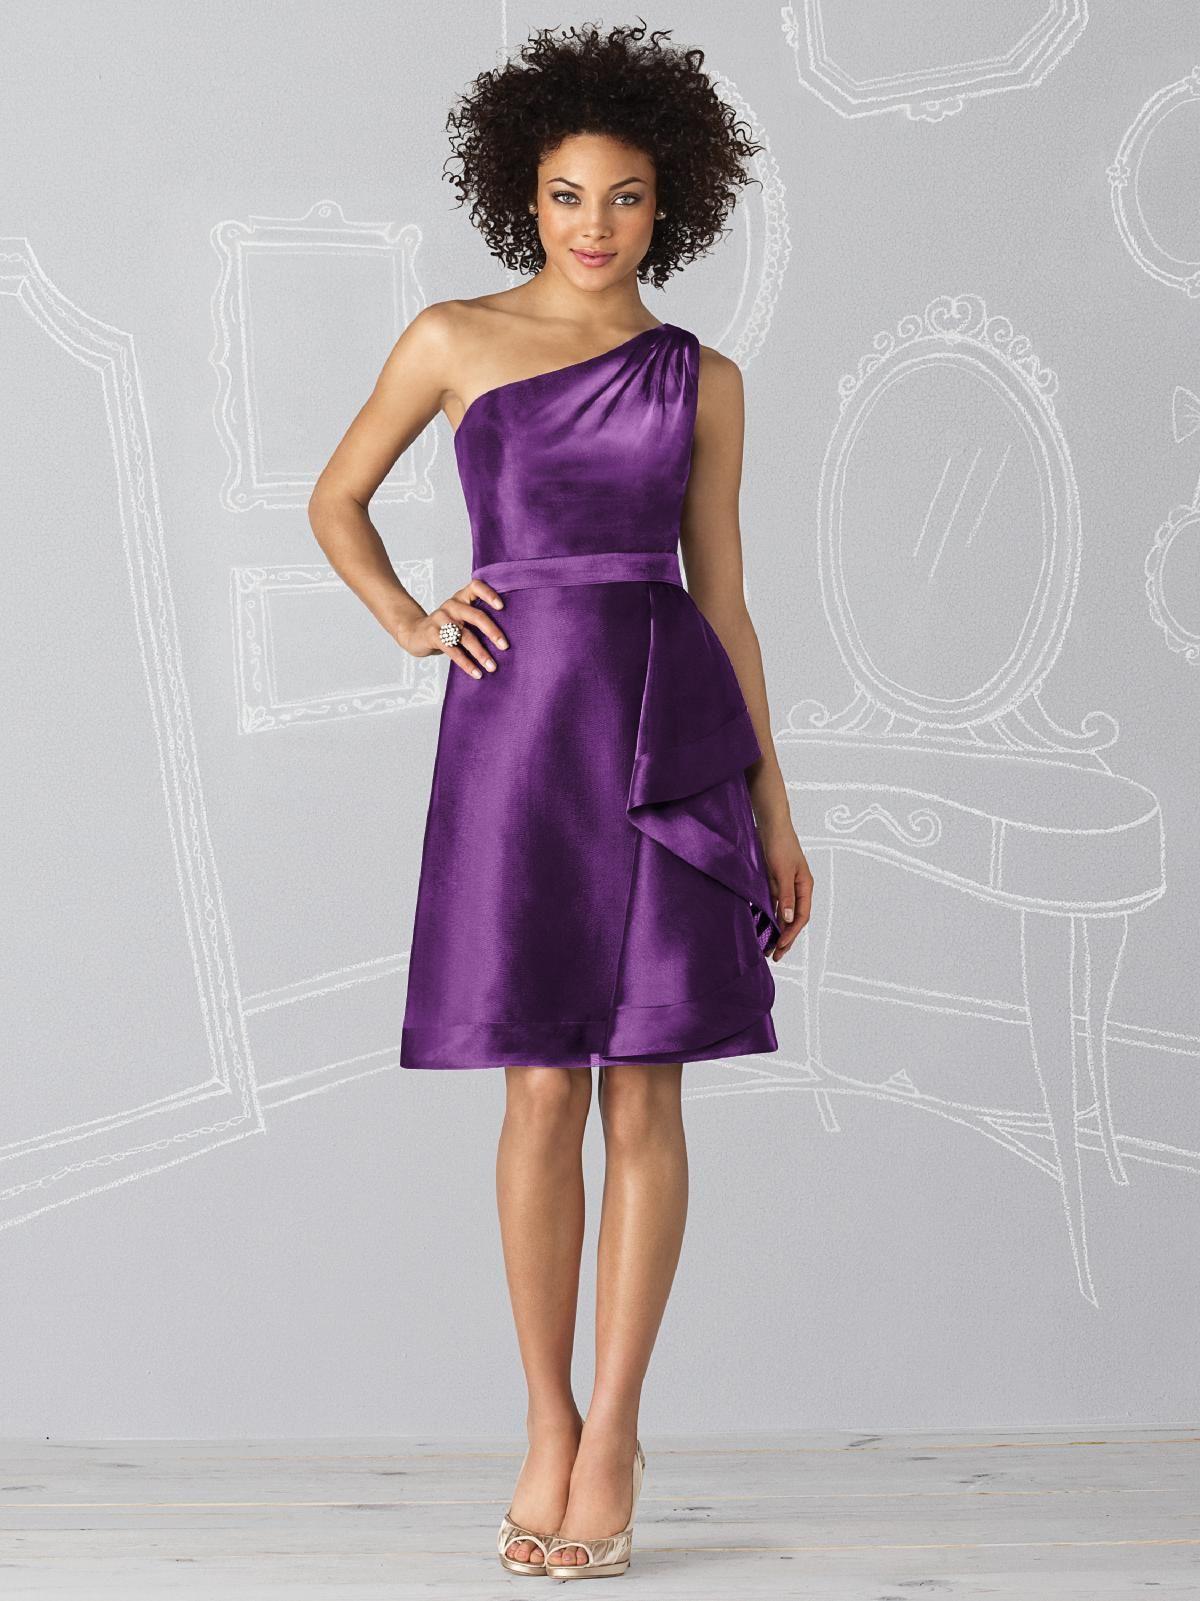 Dorable Vestidos De Dama B2 Ideas Ornamento Elaboración Festooning ...